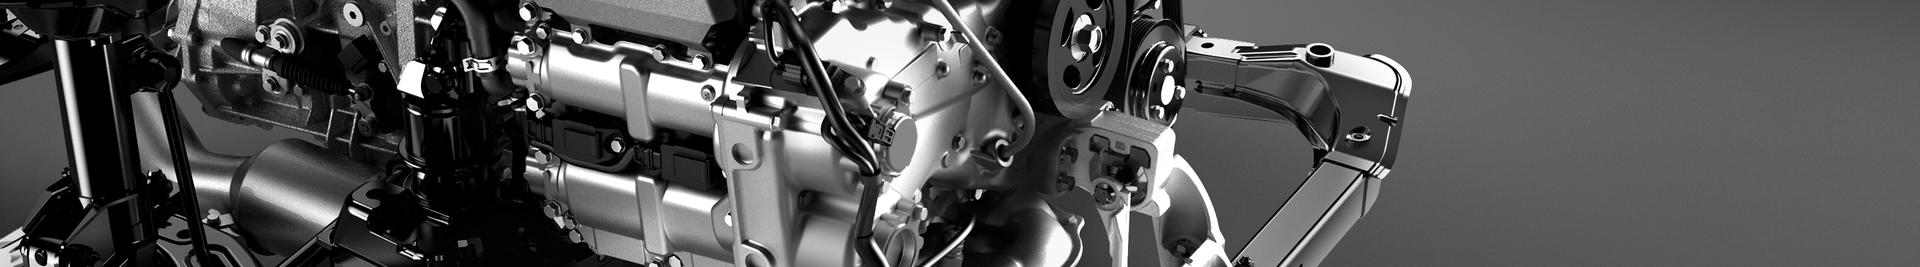 Serwis mechaniczny Subaru